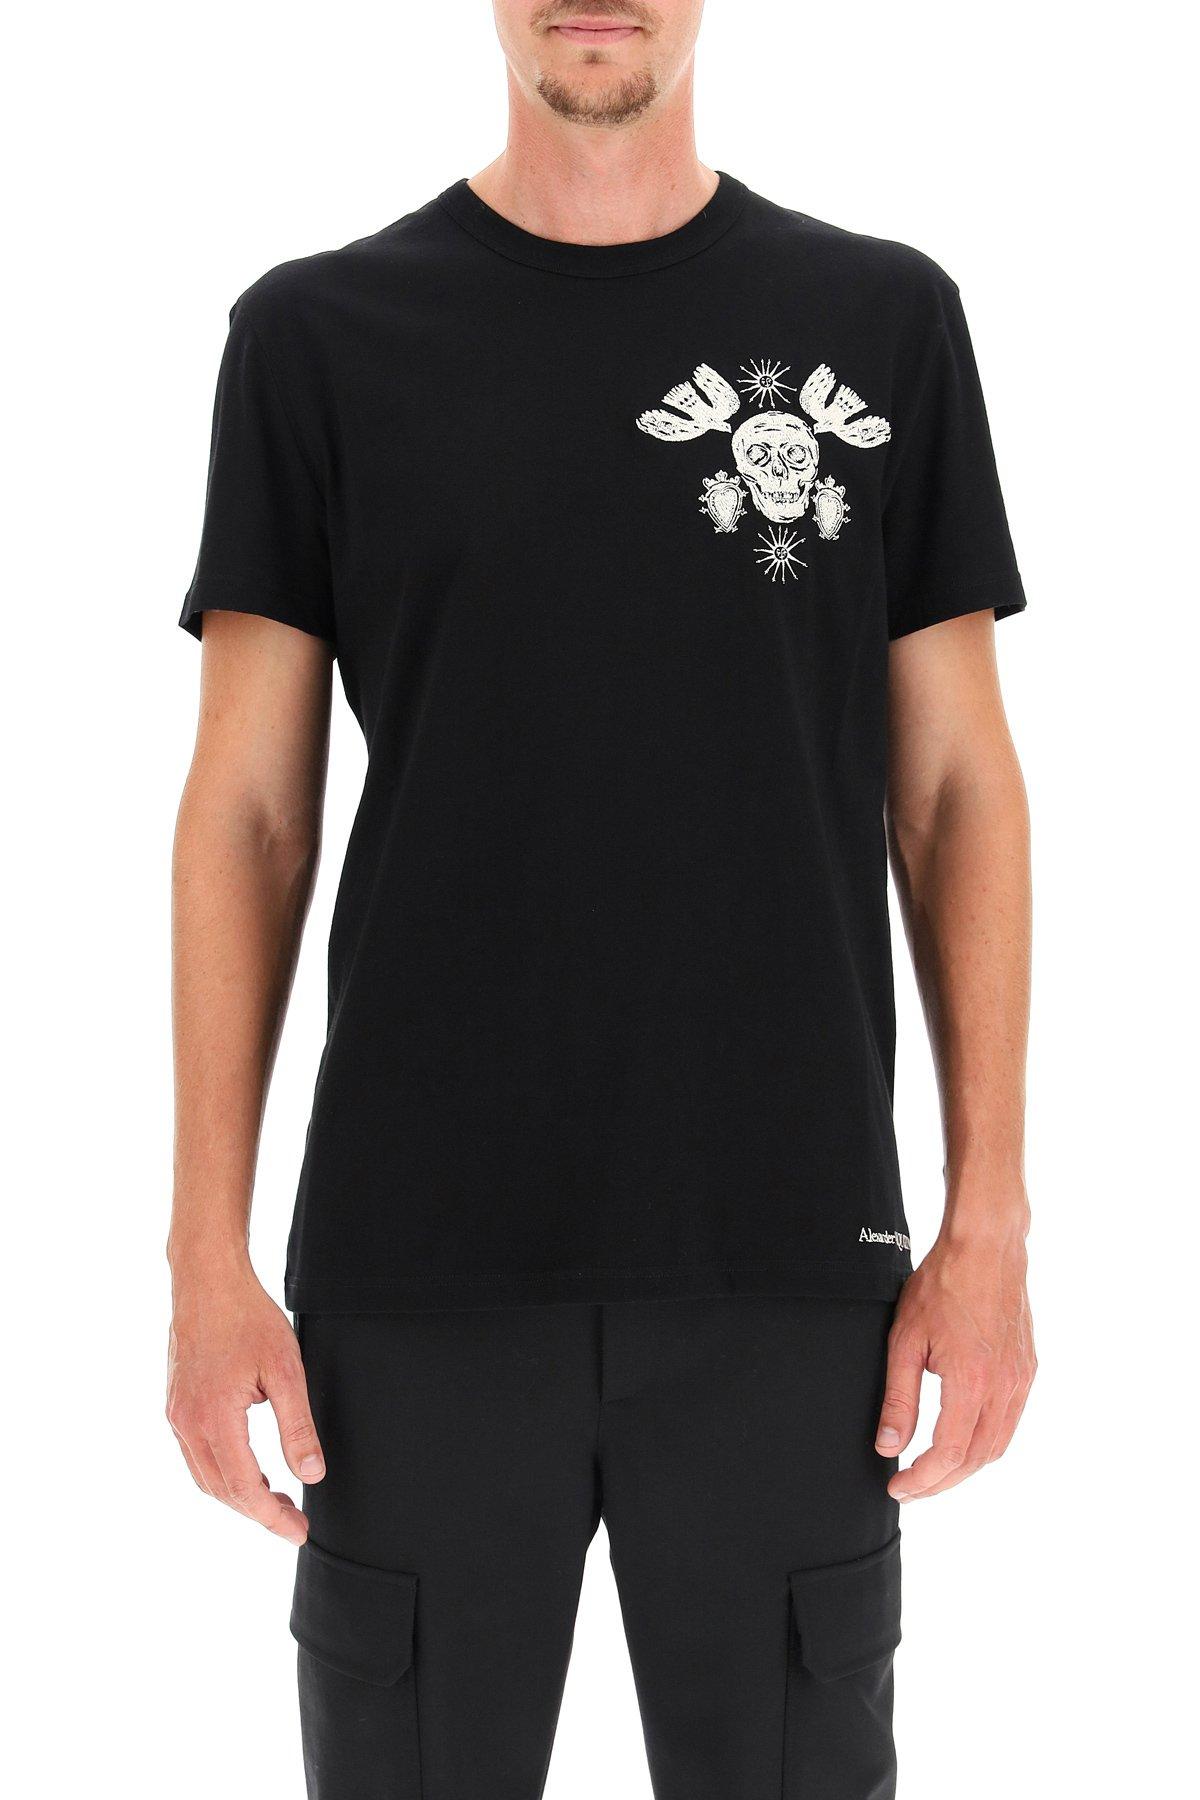 Alexander mcqueen t-shirt con ricamo